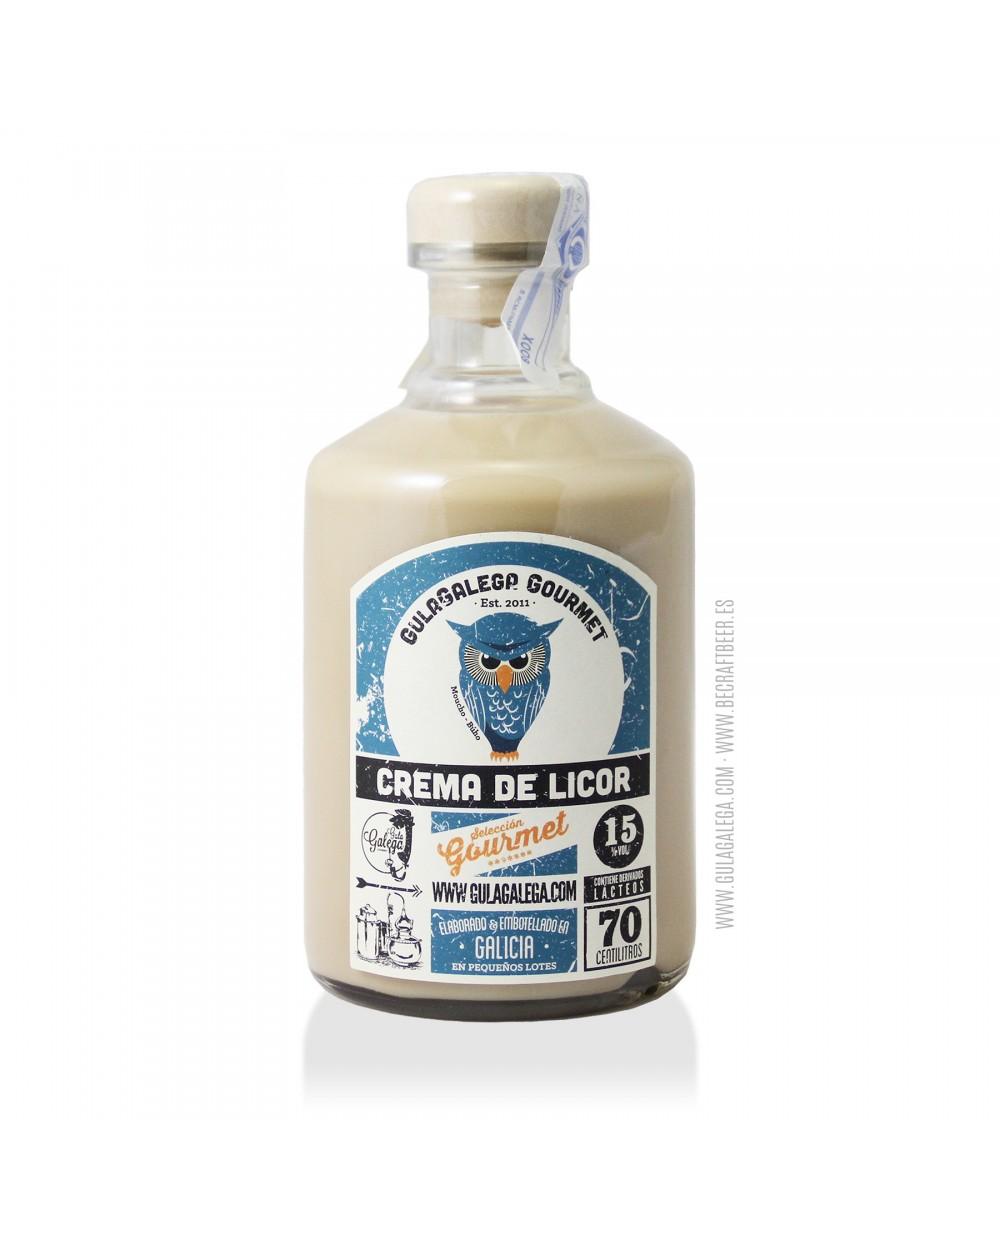 Crema de Licor GulaGalega Gourmet 70 cl.